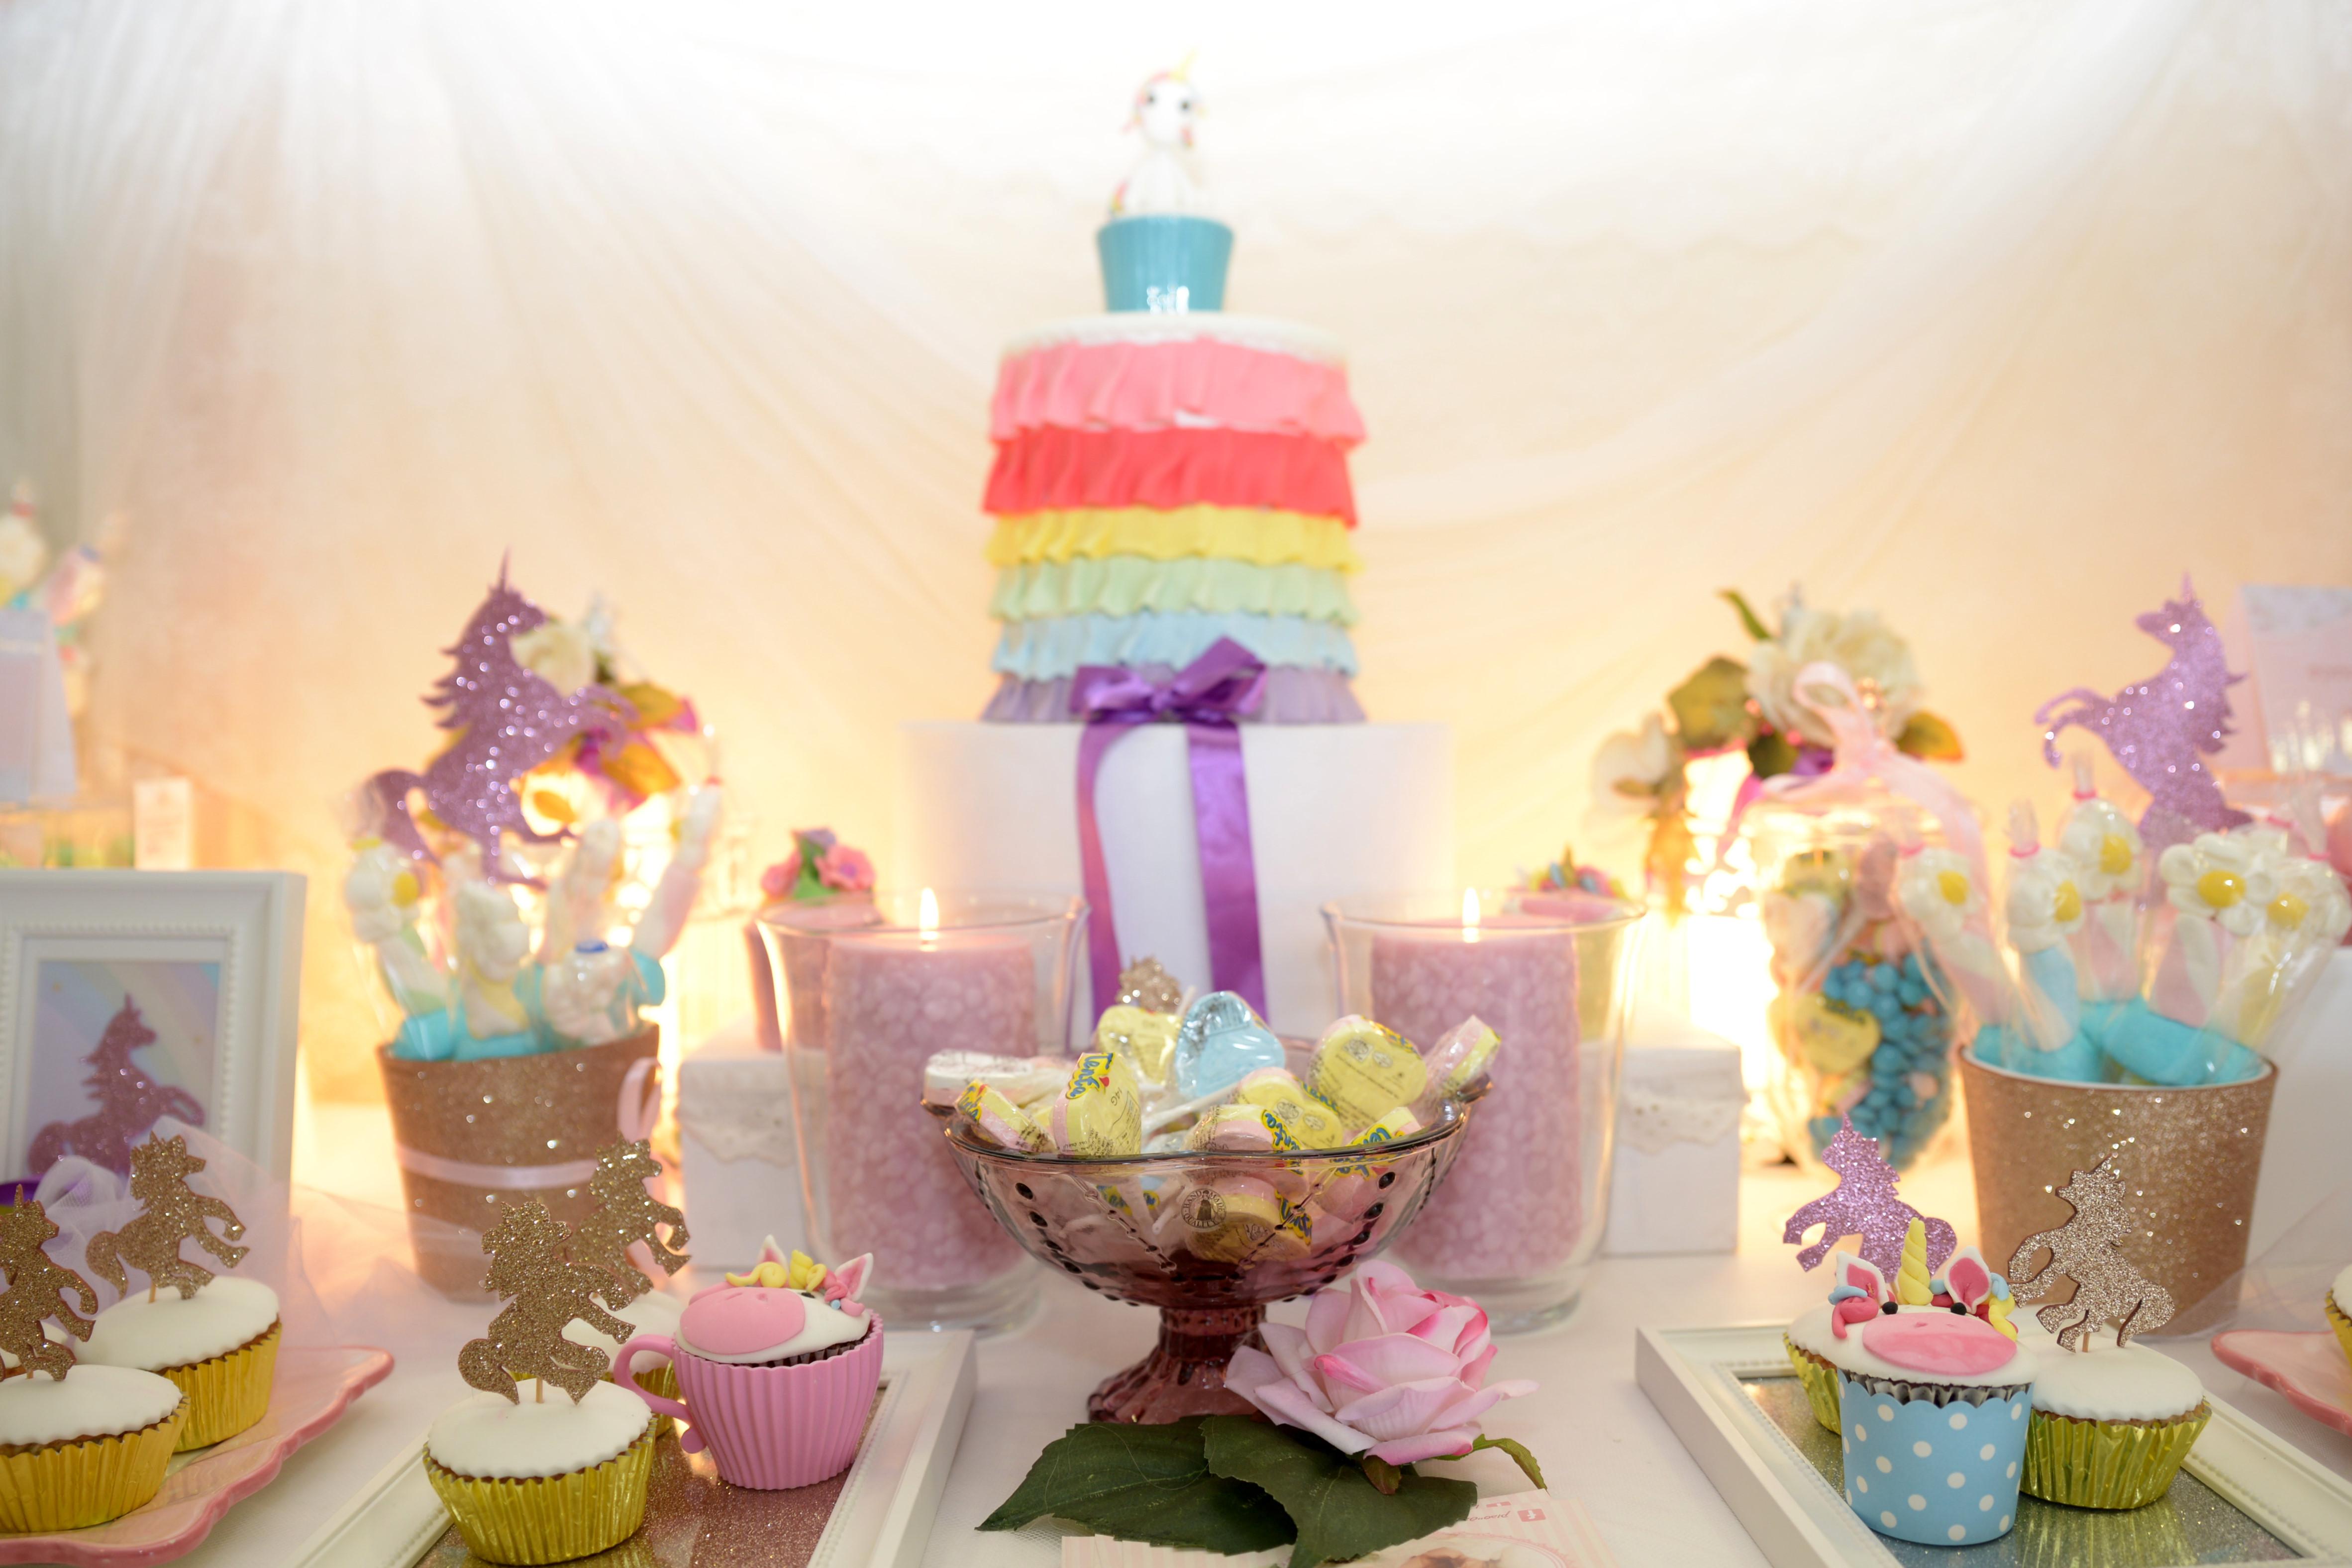 הפעלות לימי הולדת בנות - שולחן בר מתוקים ליום הולד